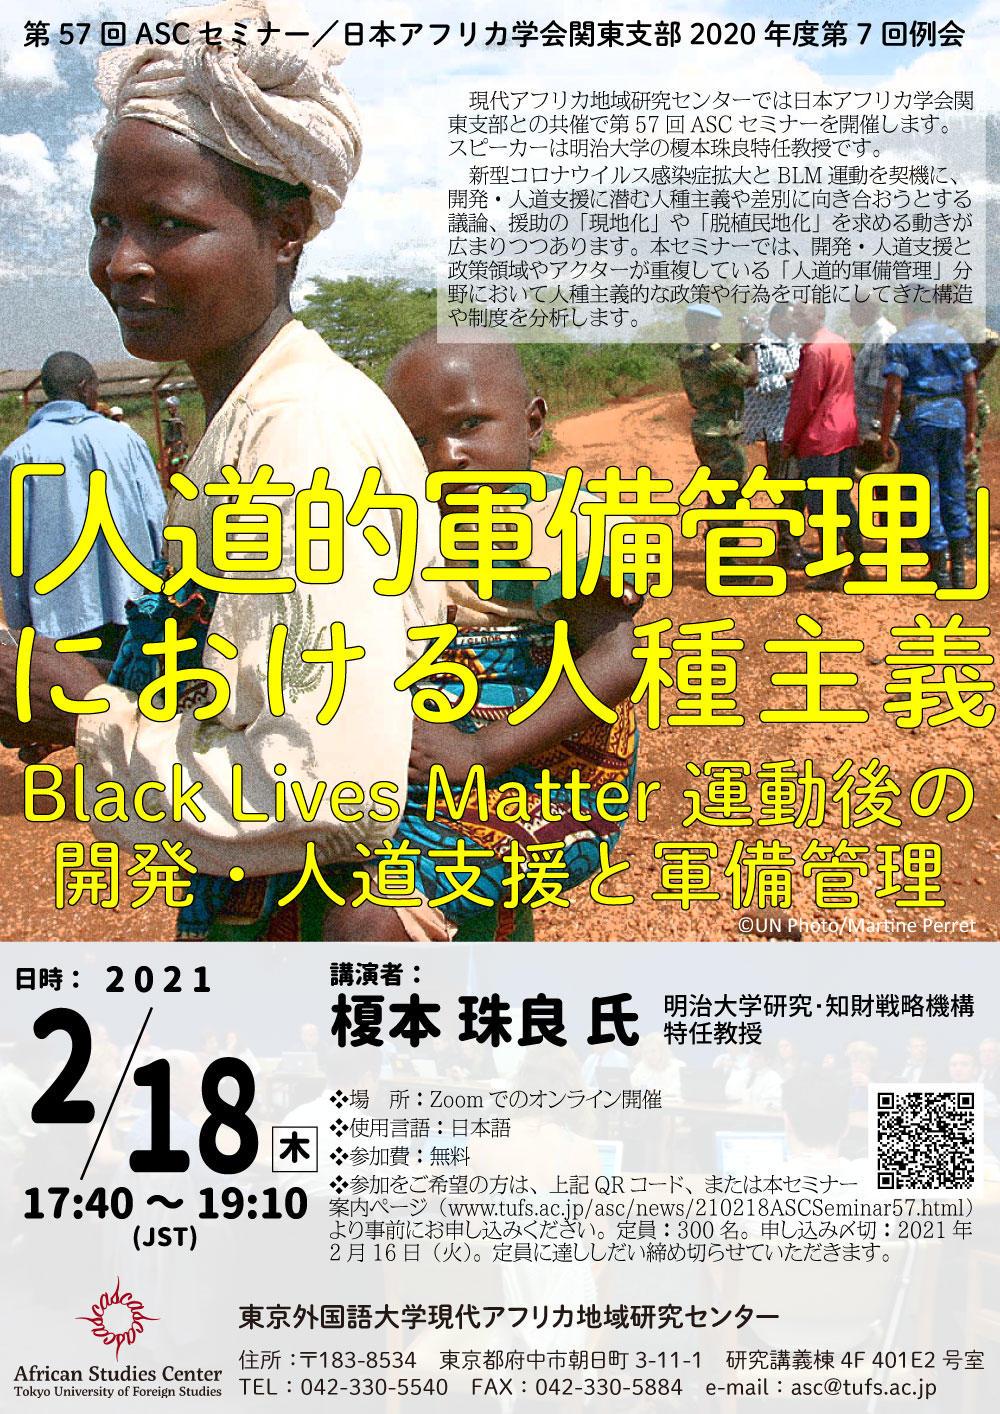 第57回ASCセミナー「『人道的軍備管理』における人種主義~Black Lives Matter運動後の開発・人道支援と軍備管理~」